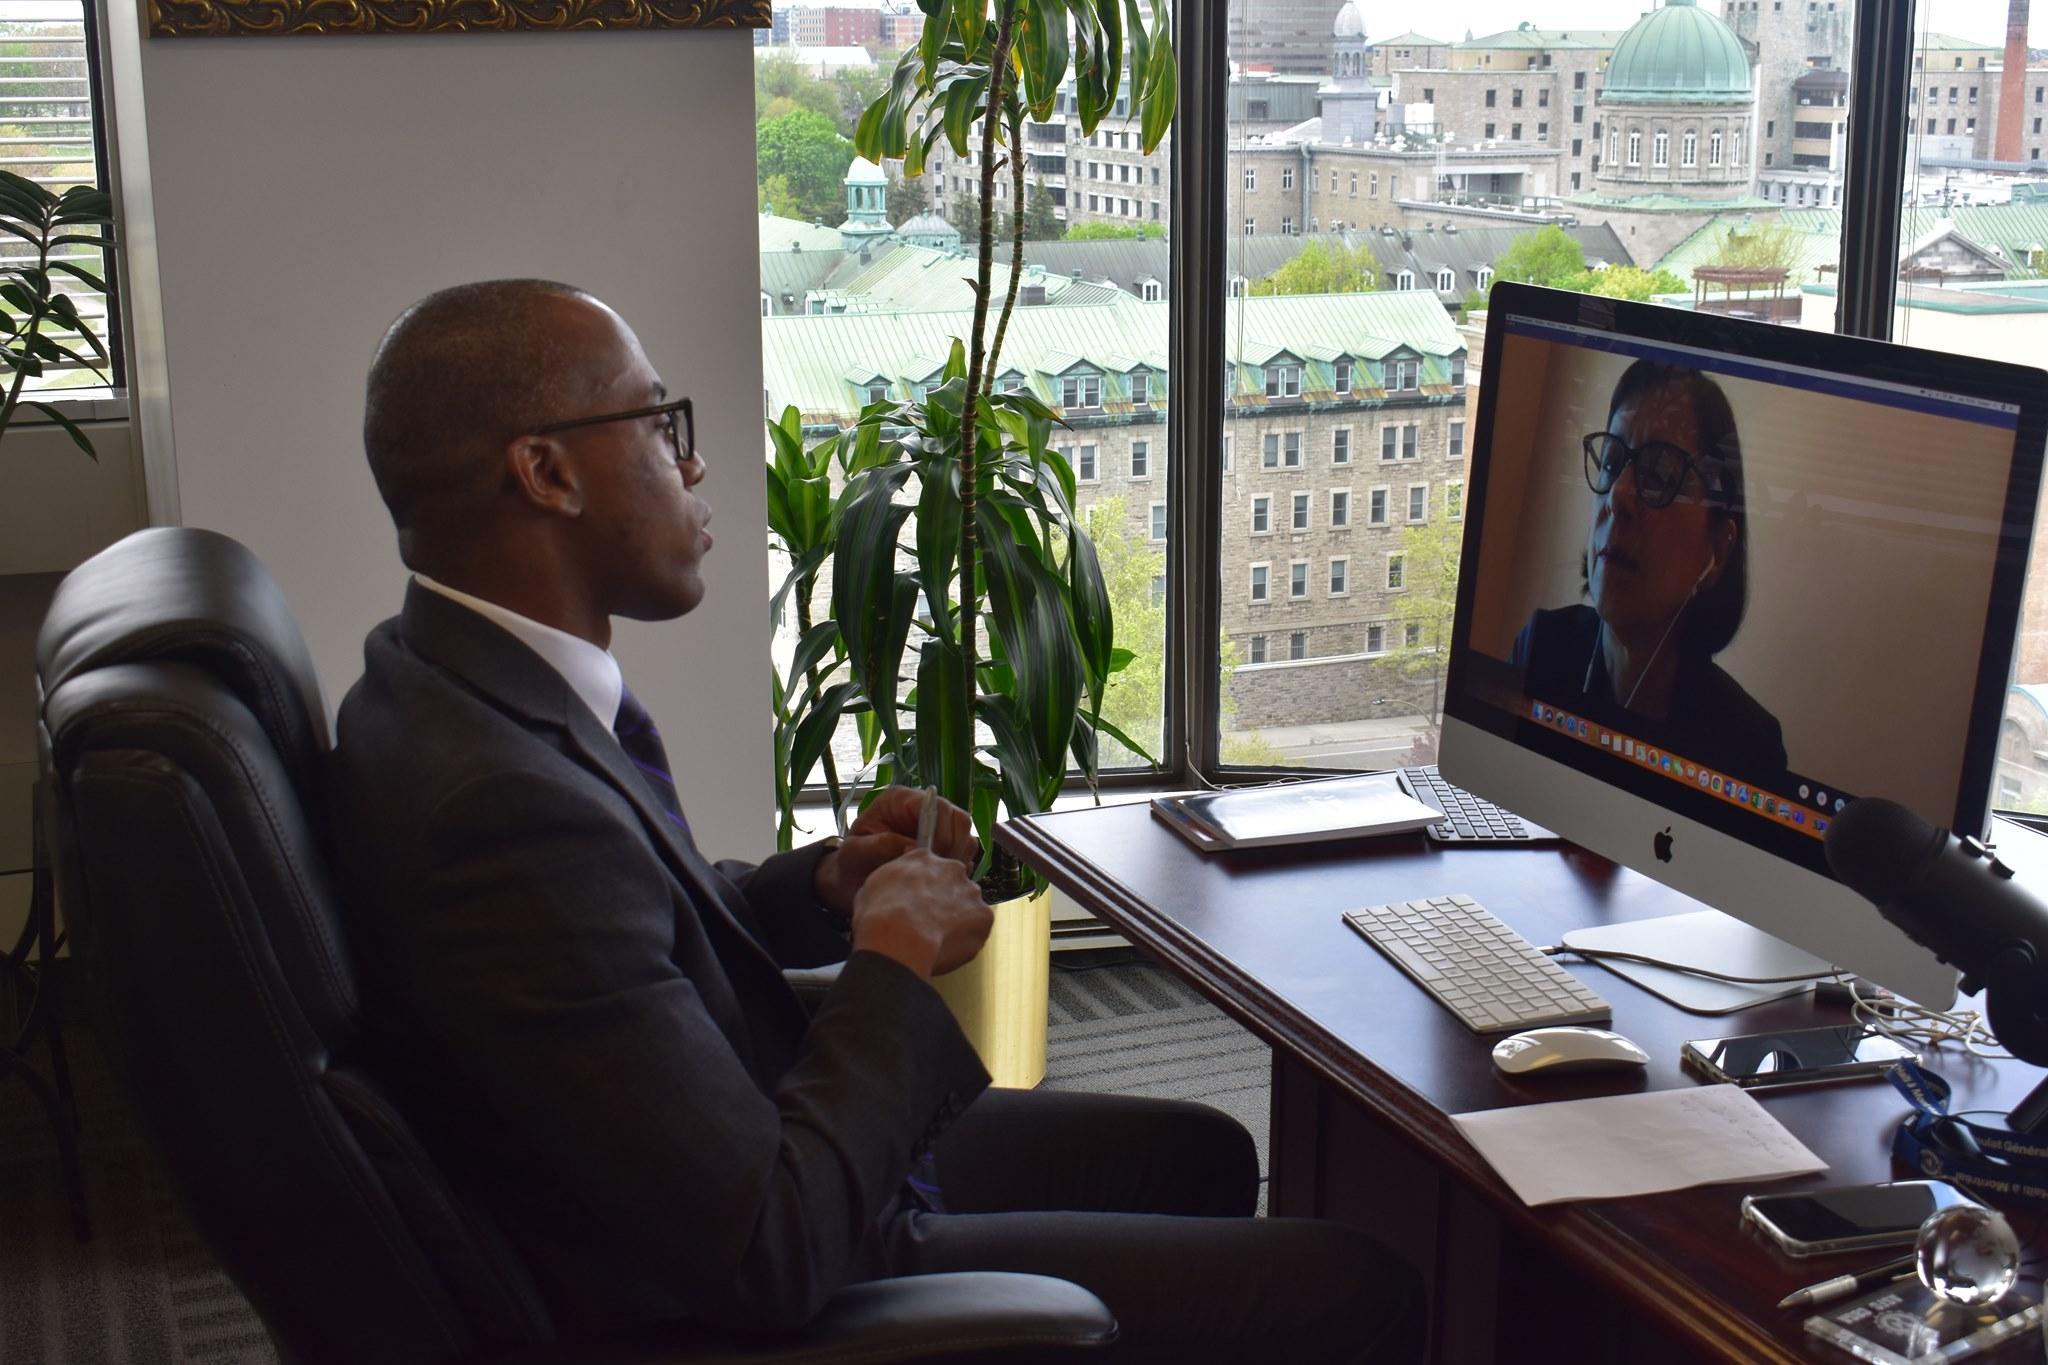 Réunion avec la Ministre de l'Enseignement supérieur du Québec